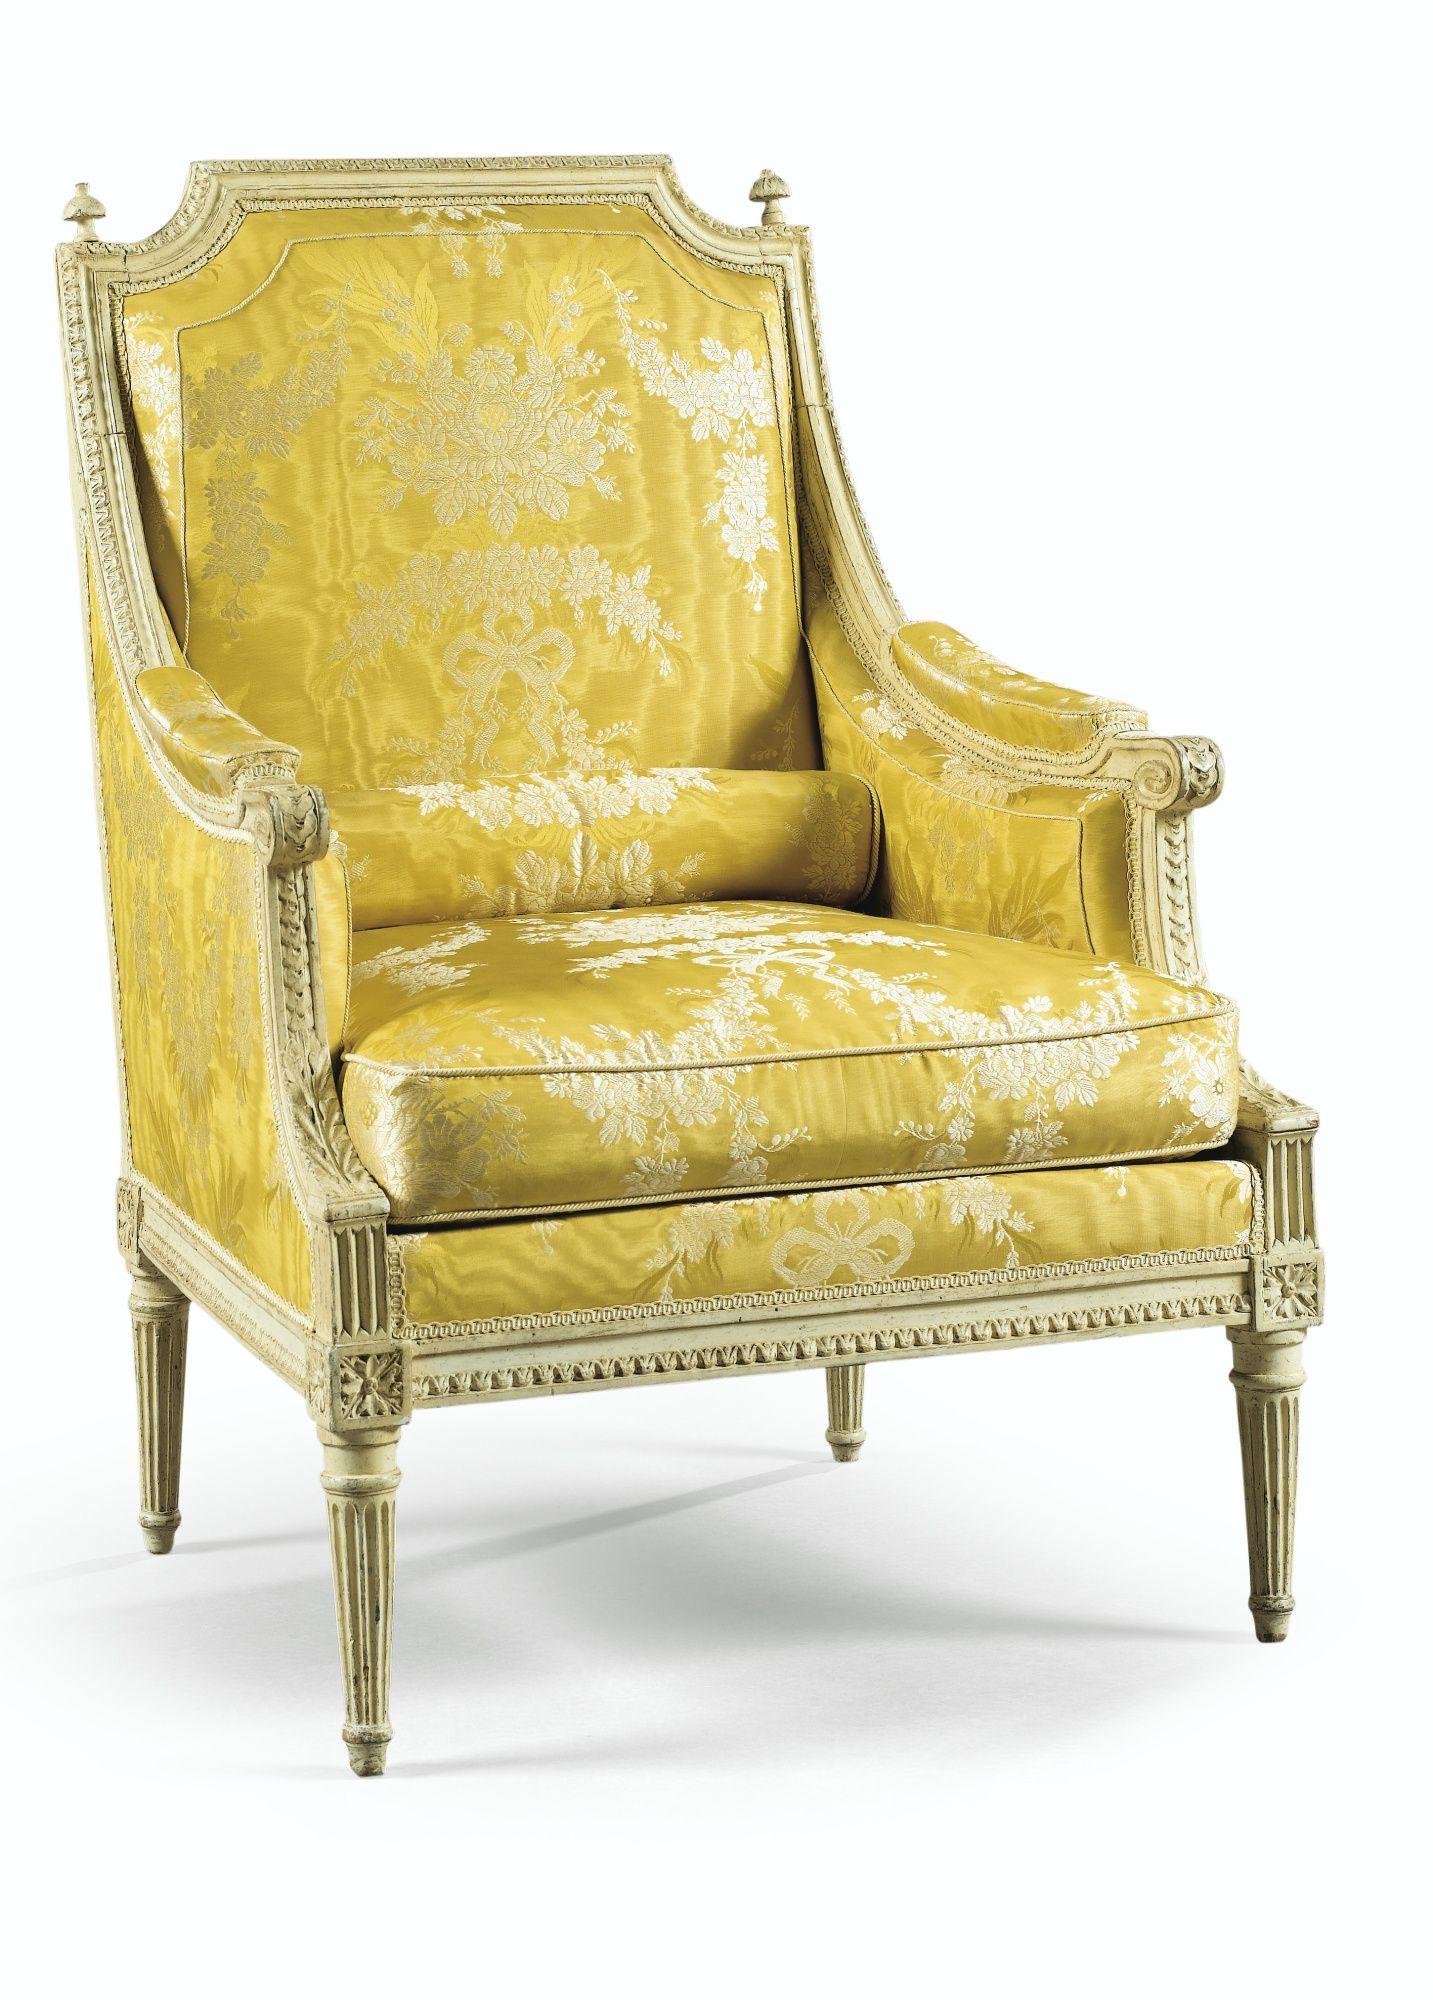 Berg¨re en bois sculpté laqué cr¨me d époque Louis XVI attribuée